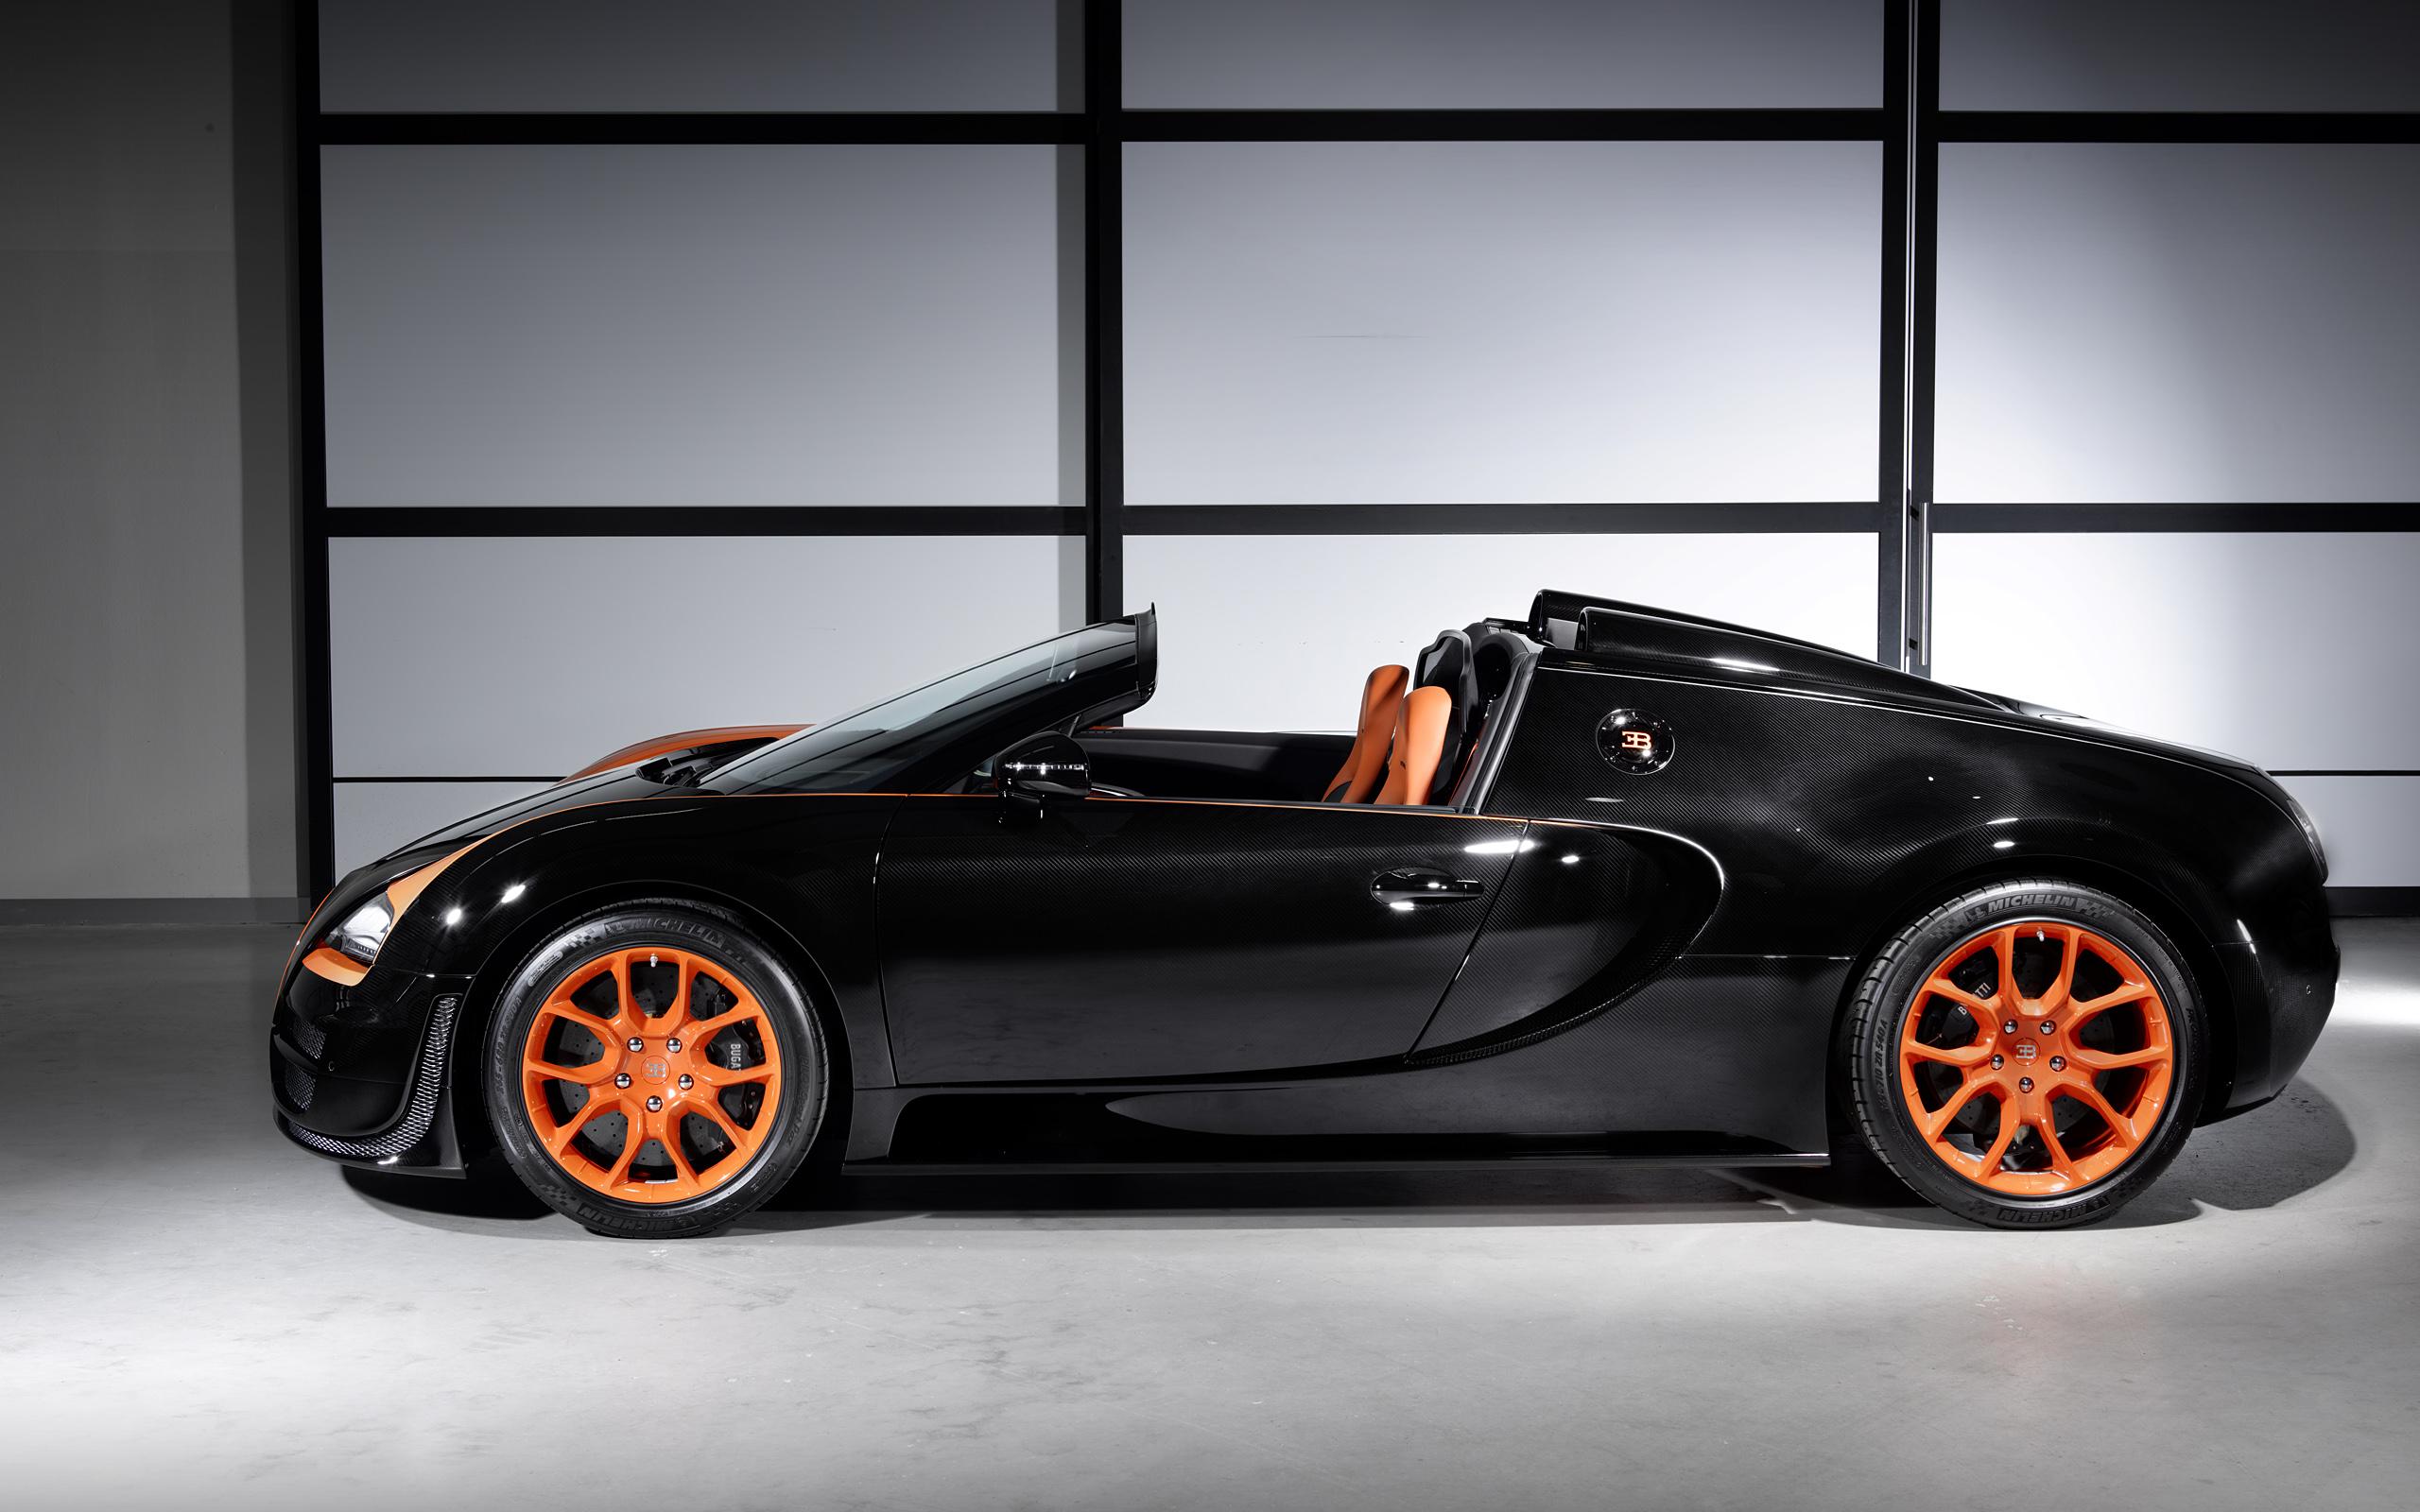 Bugatti 2560x1600